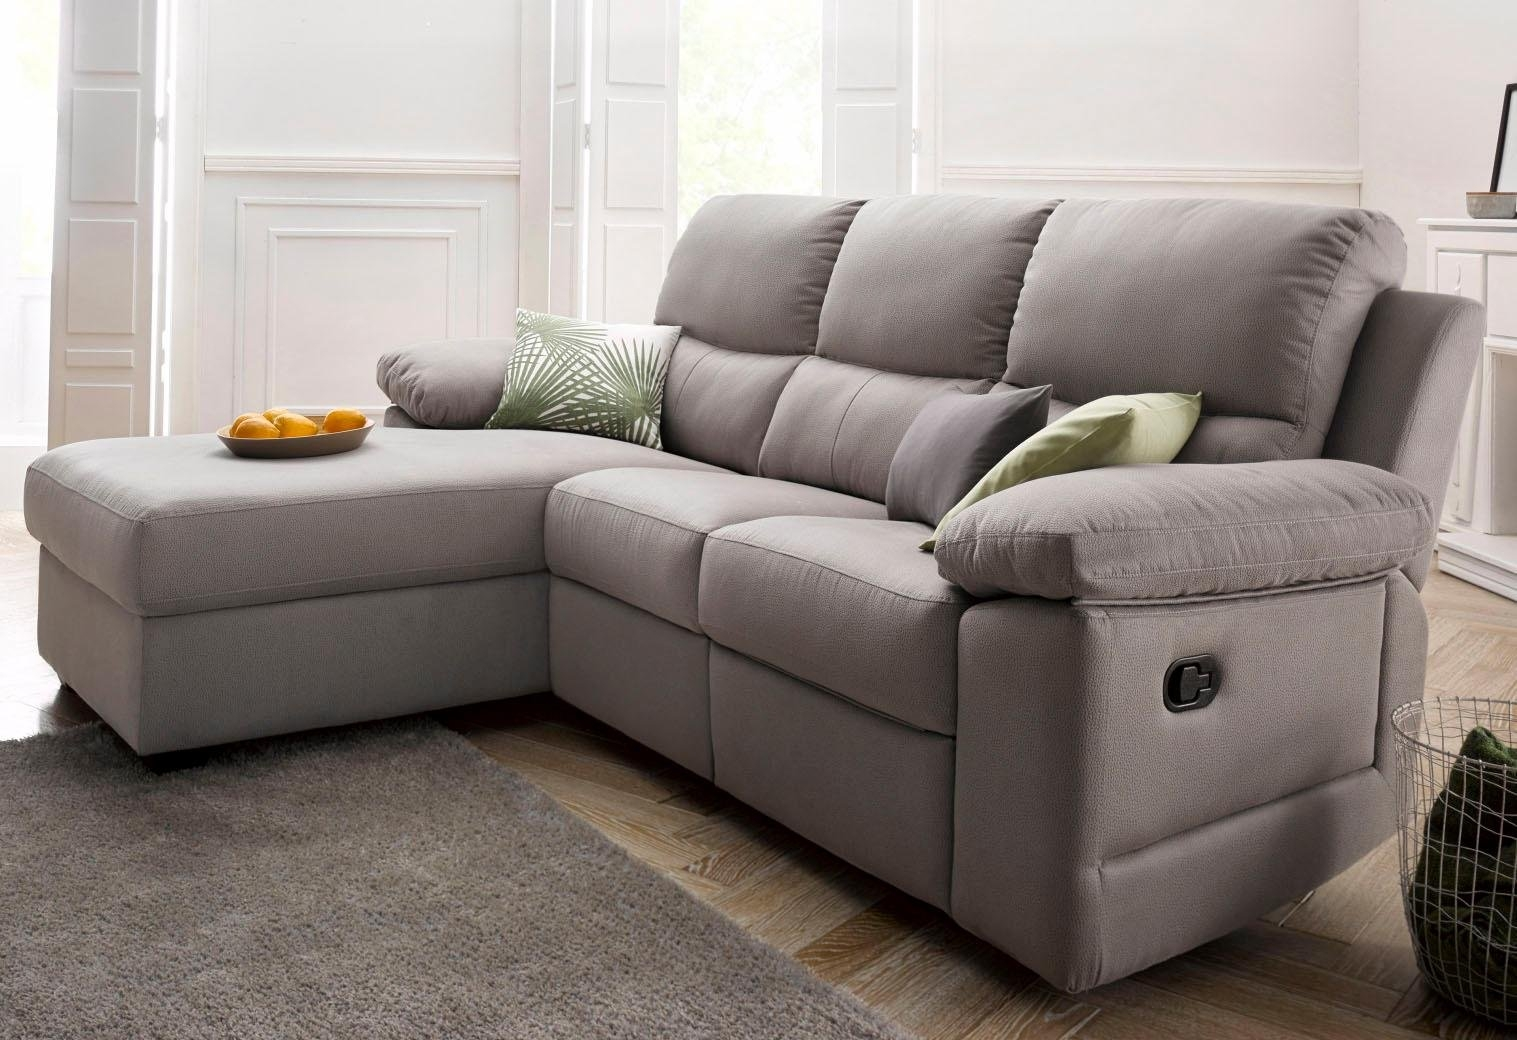 ATLANTIC home collection hoekbank, met relaxfunctie en binnenvering voordelig en veilig online kopen